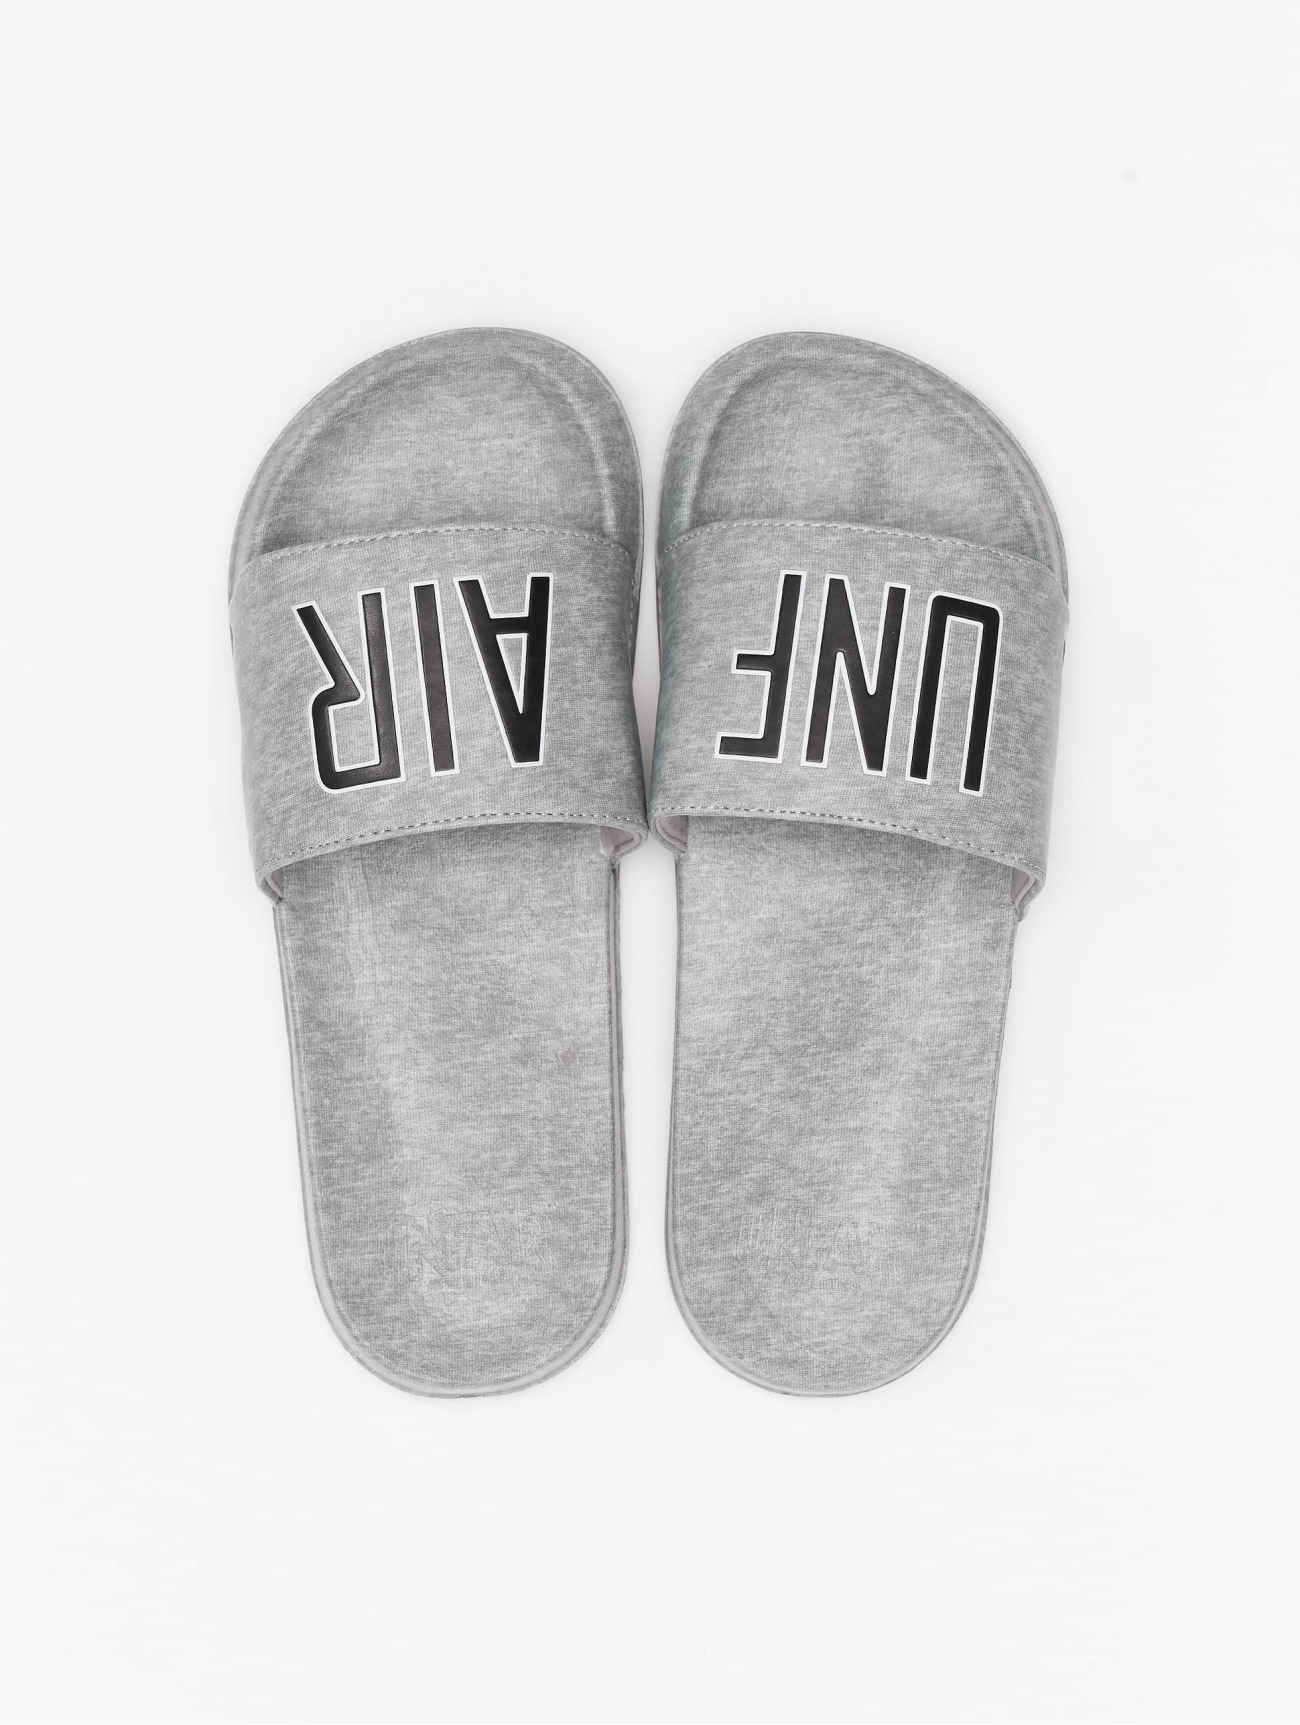 UNFAIR ATHLETICS Unfair gris Homme Claquettes & Sandales 650838 Homme Chaussures